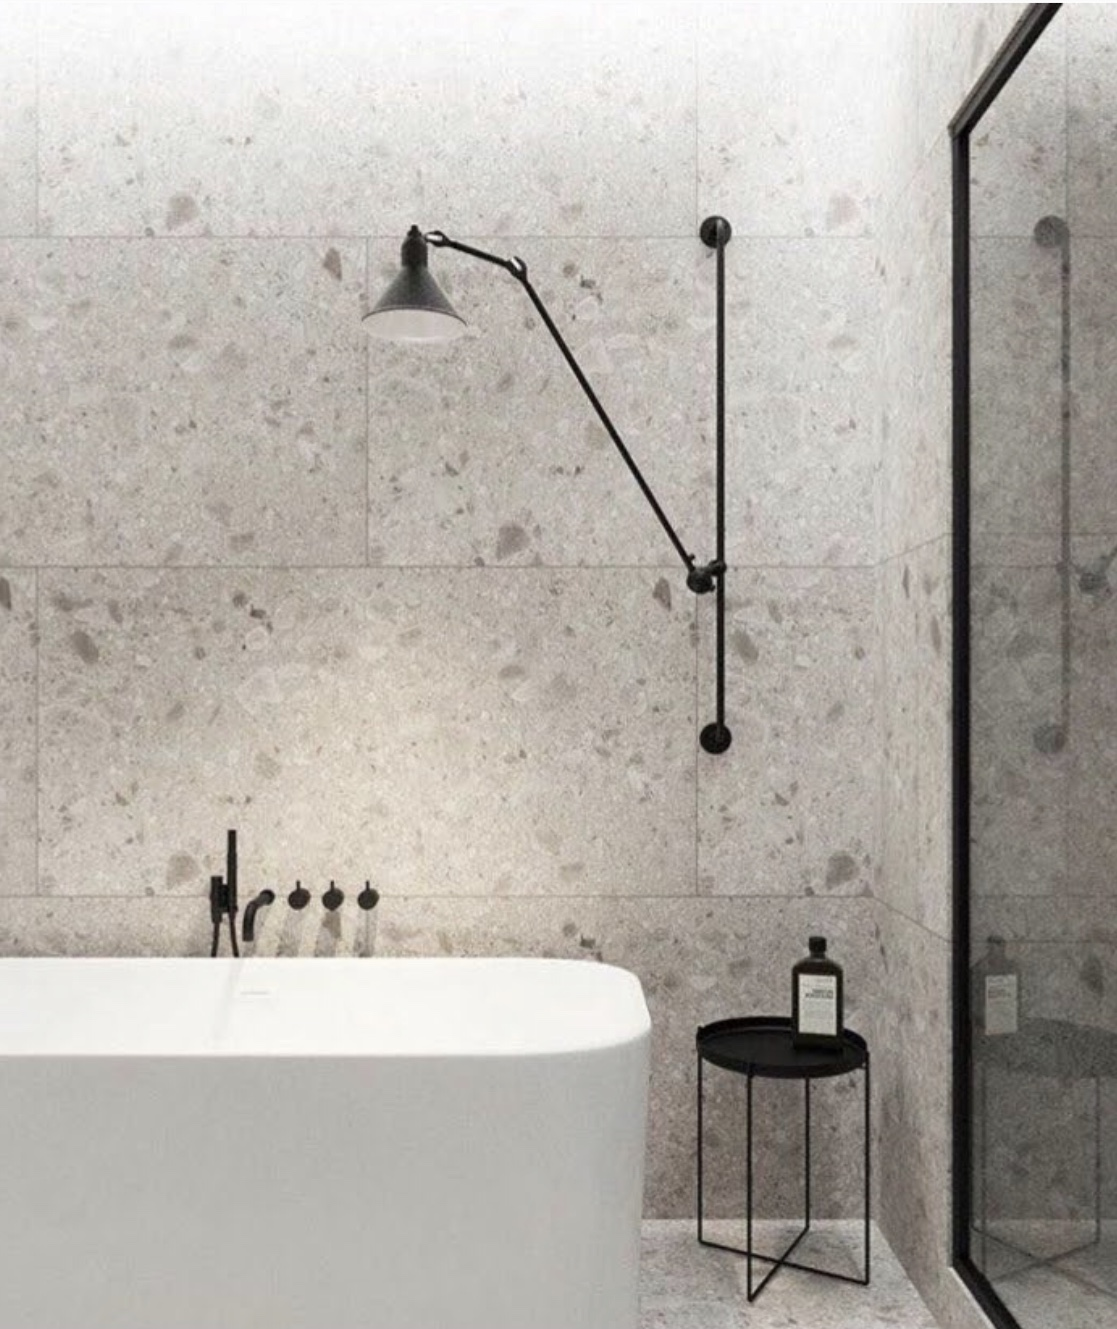 Une salle de bain aménagée des grands carreaux en pierre de couleur neutre.